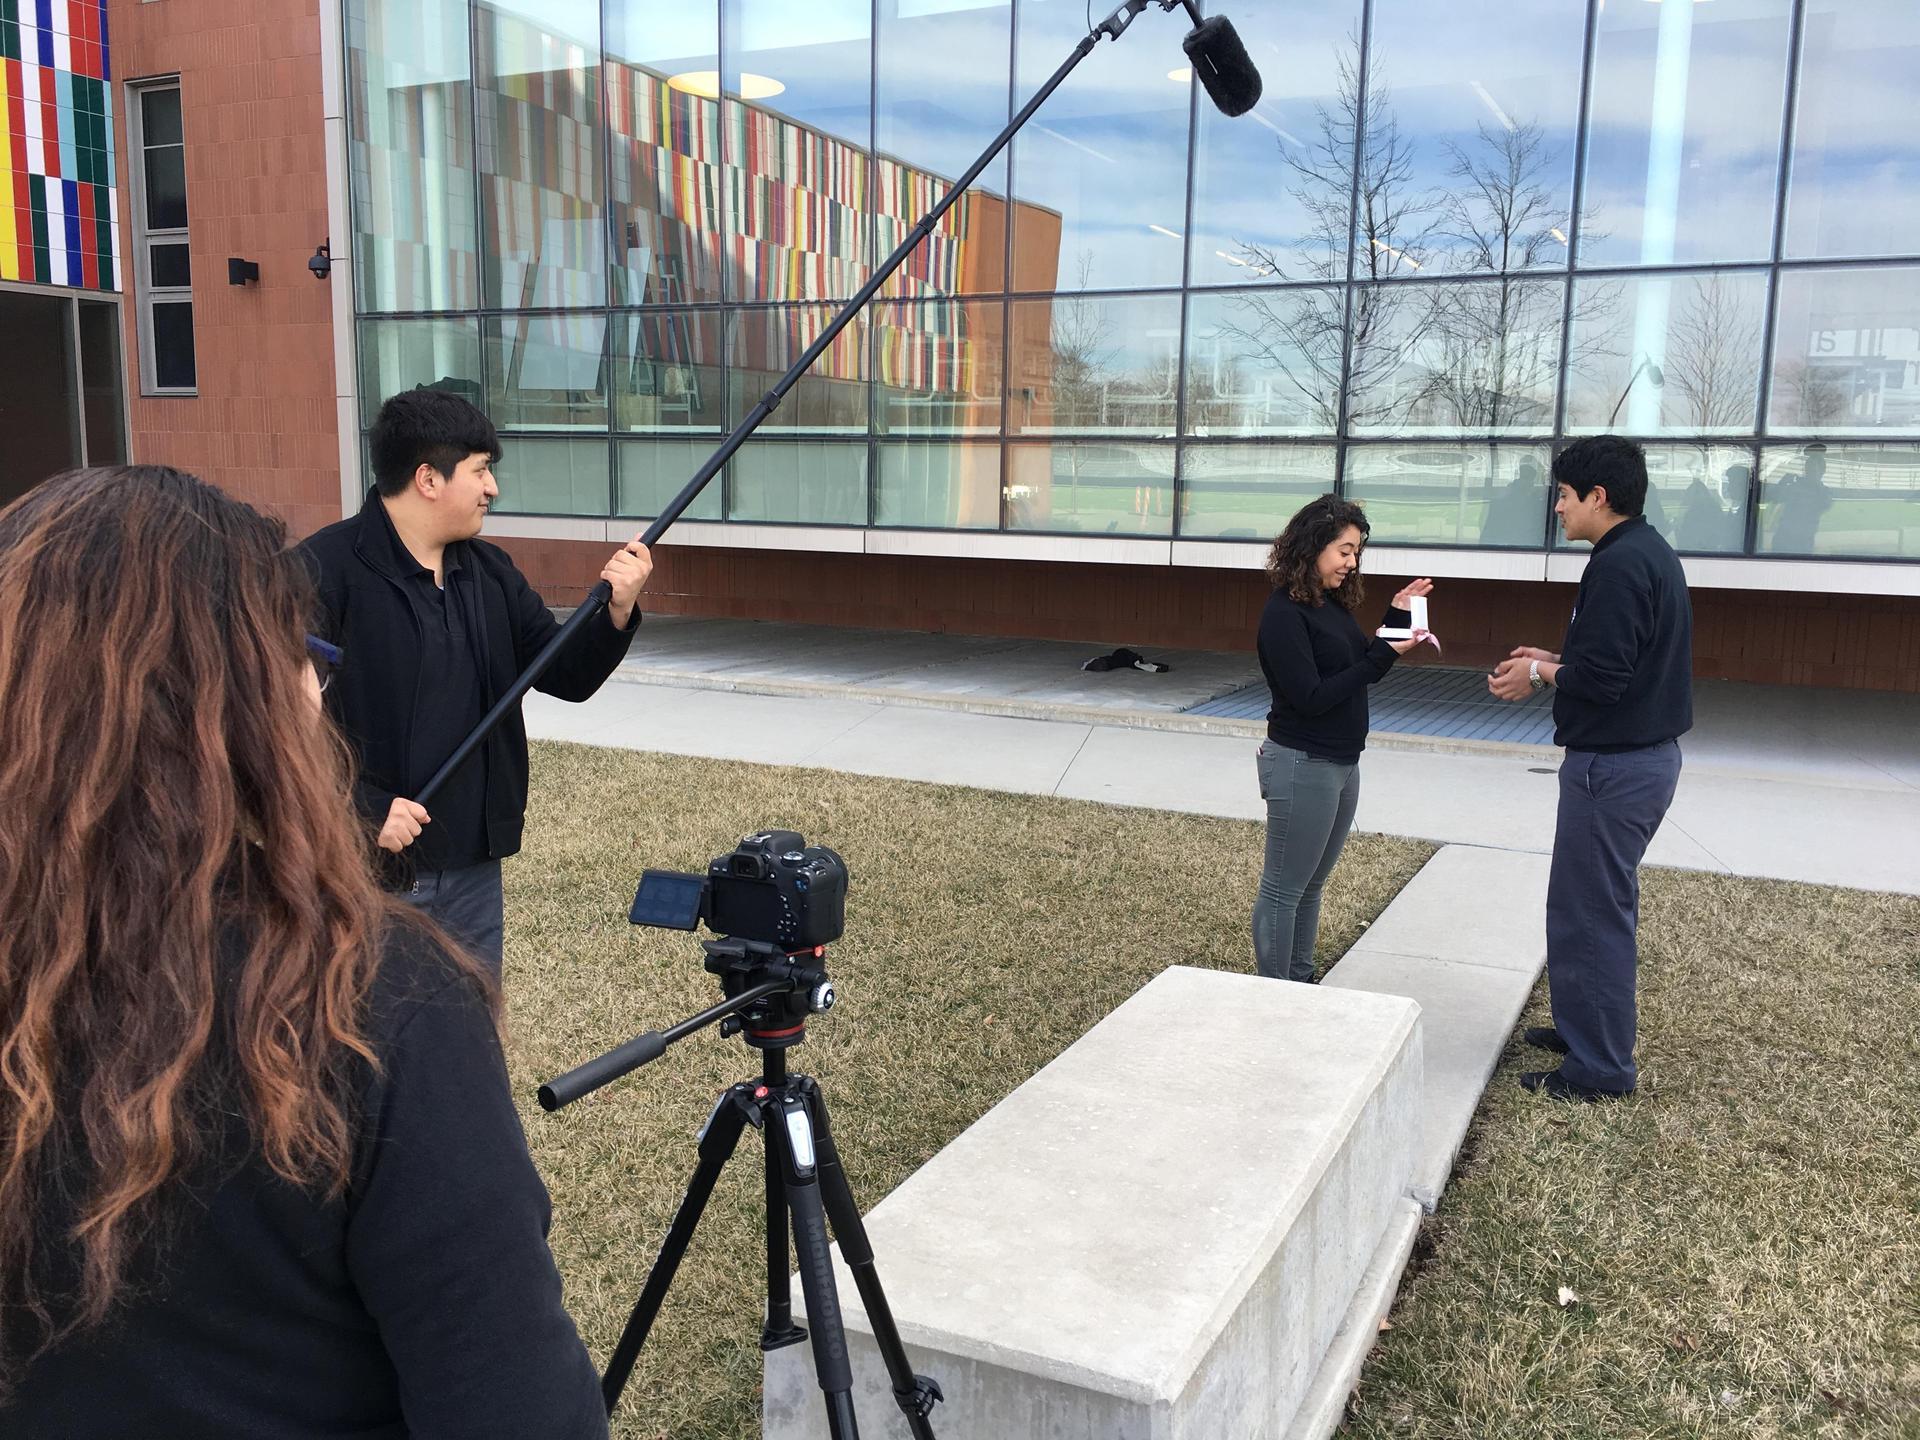 On Set on campus